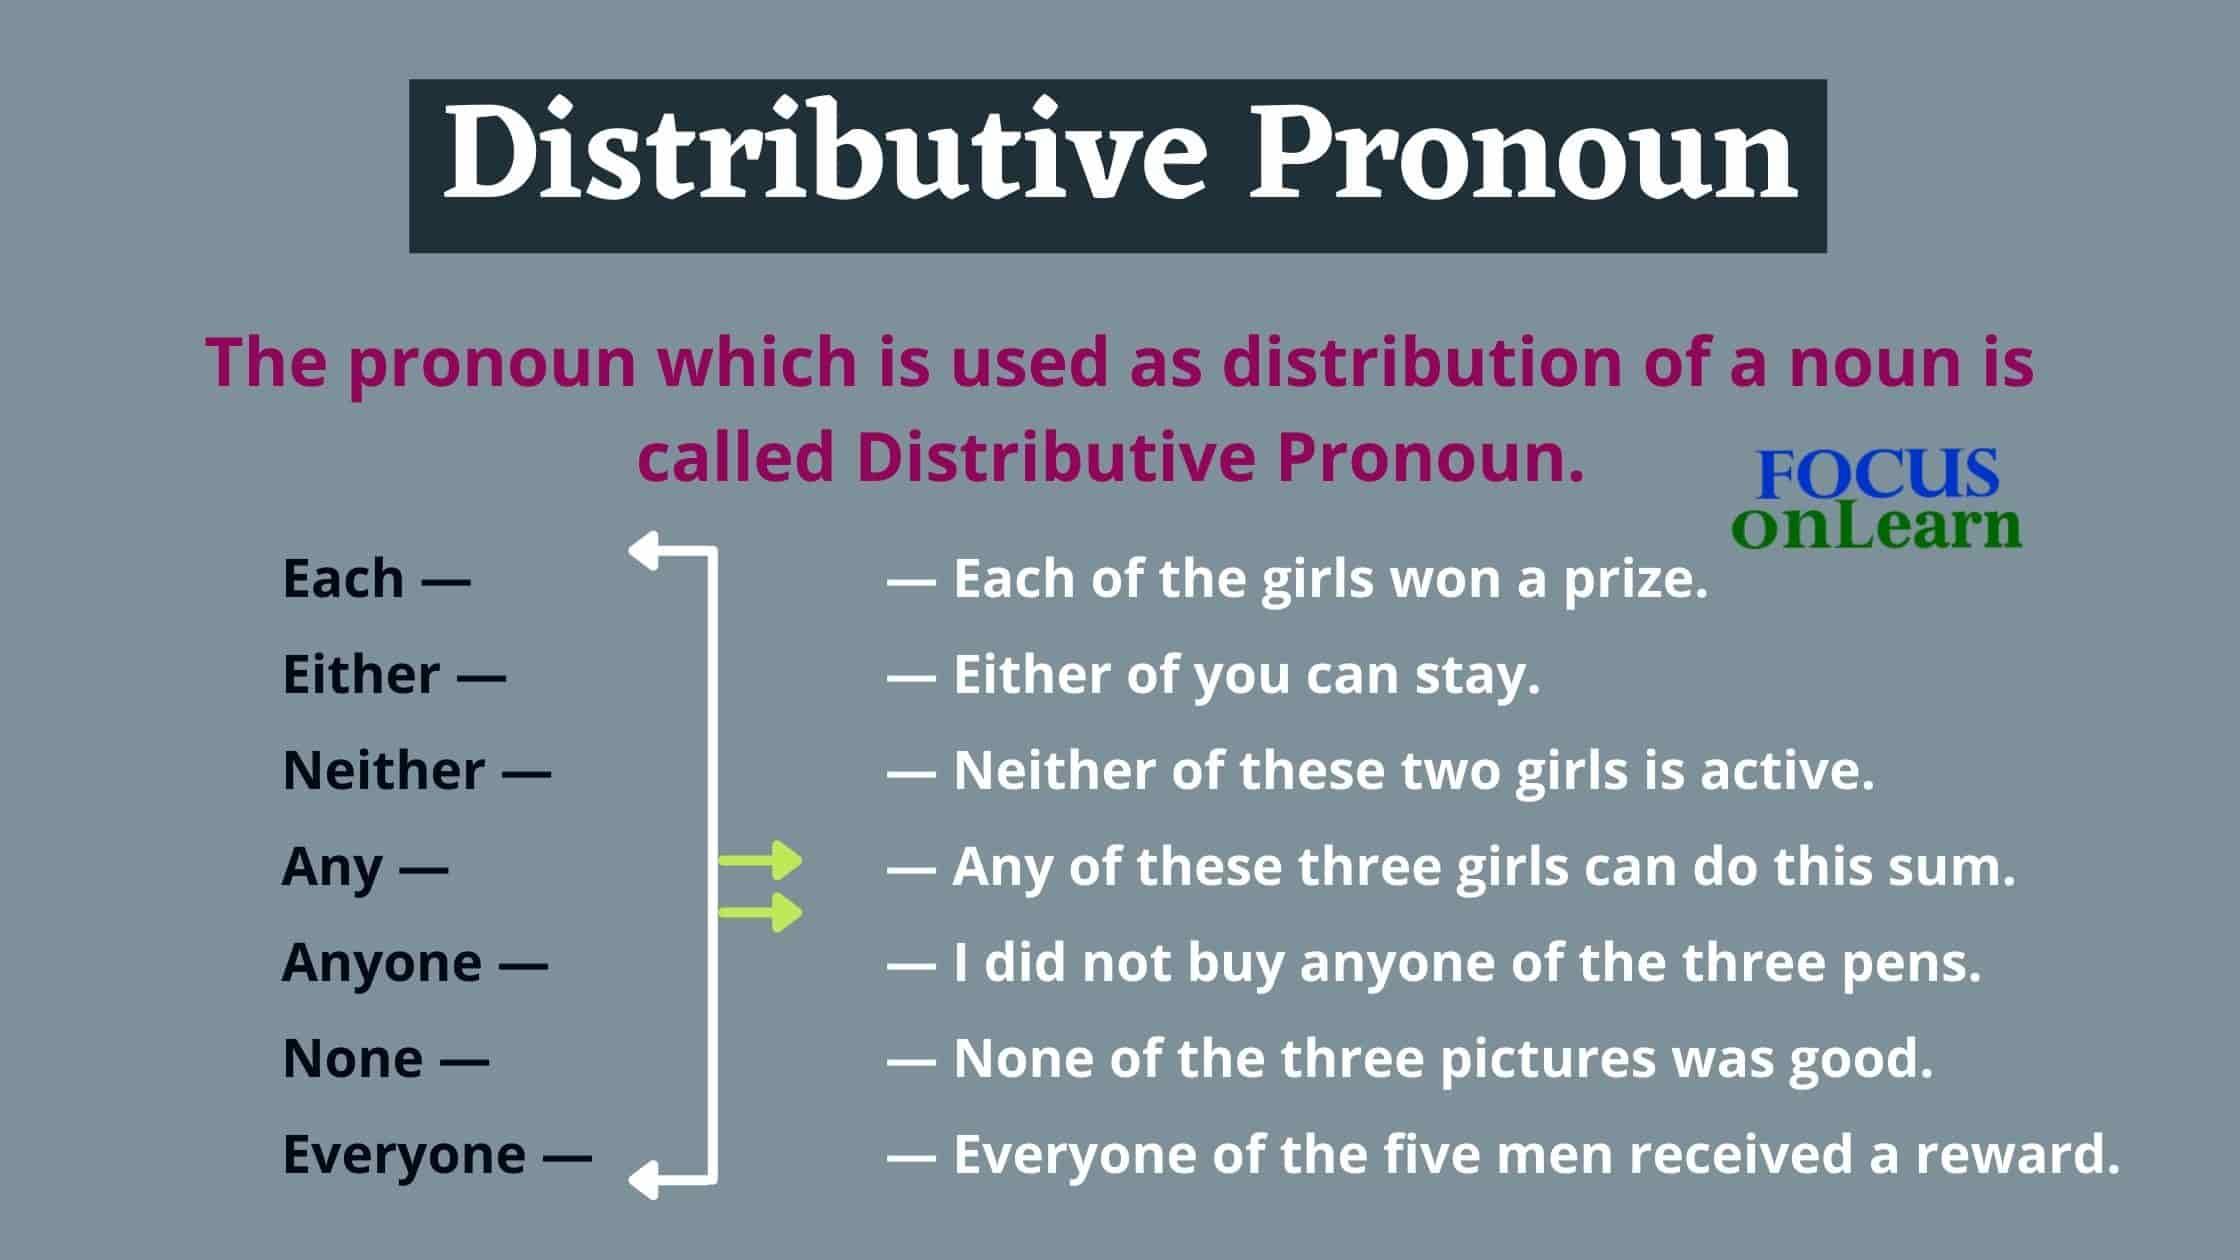 Distributive Pronoun